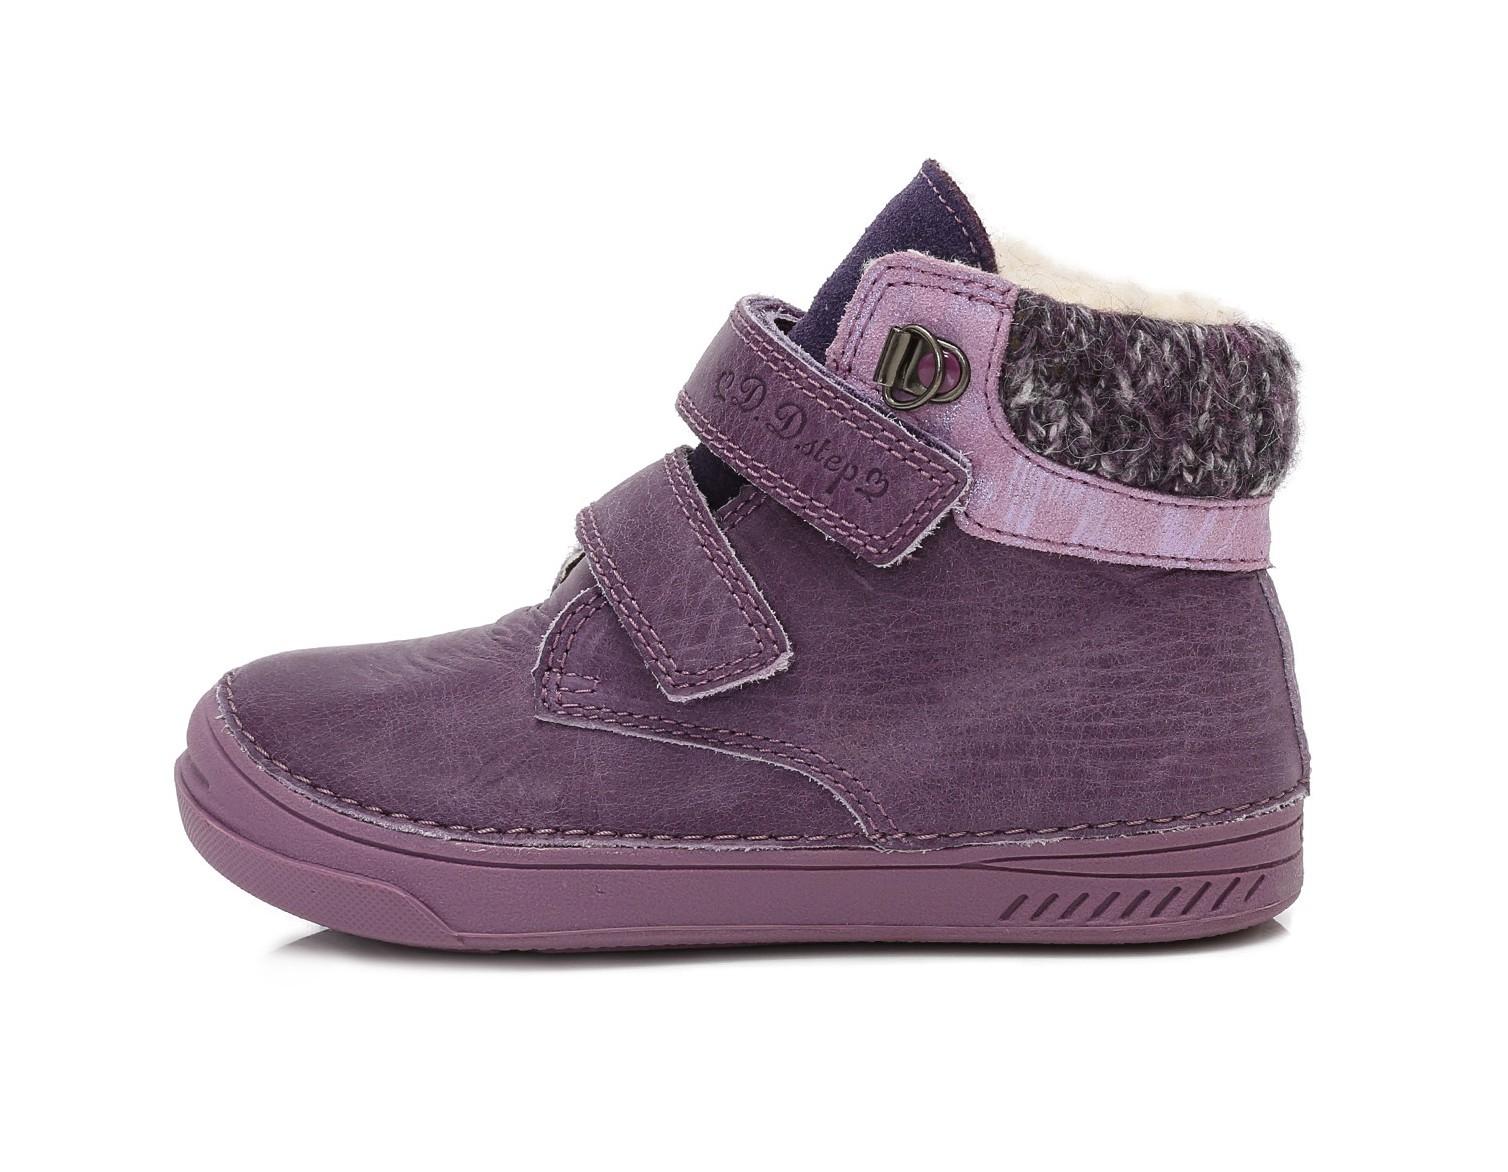 dad3ee2b03f6 Dětské zimní boty D.D.STEP 040-423DM fialové vel.26